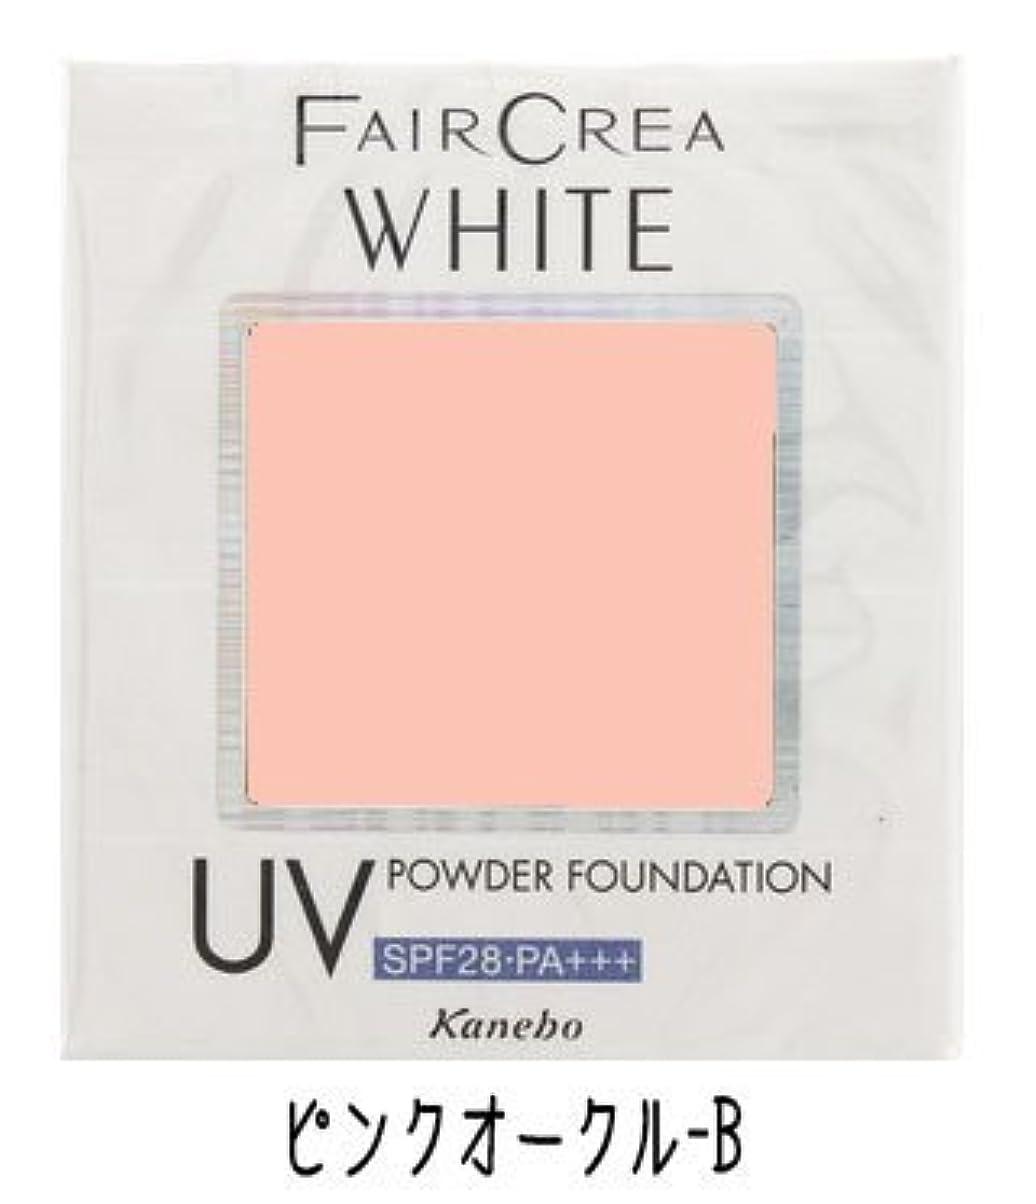 可能性シュガー罰カネボウ フェアクレア ホワイトUVパウダーファンデーション《10g》<カラー:ピンクオークルB>